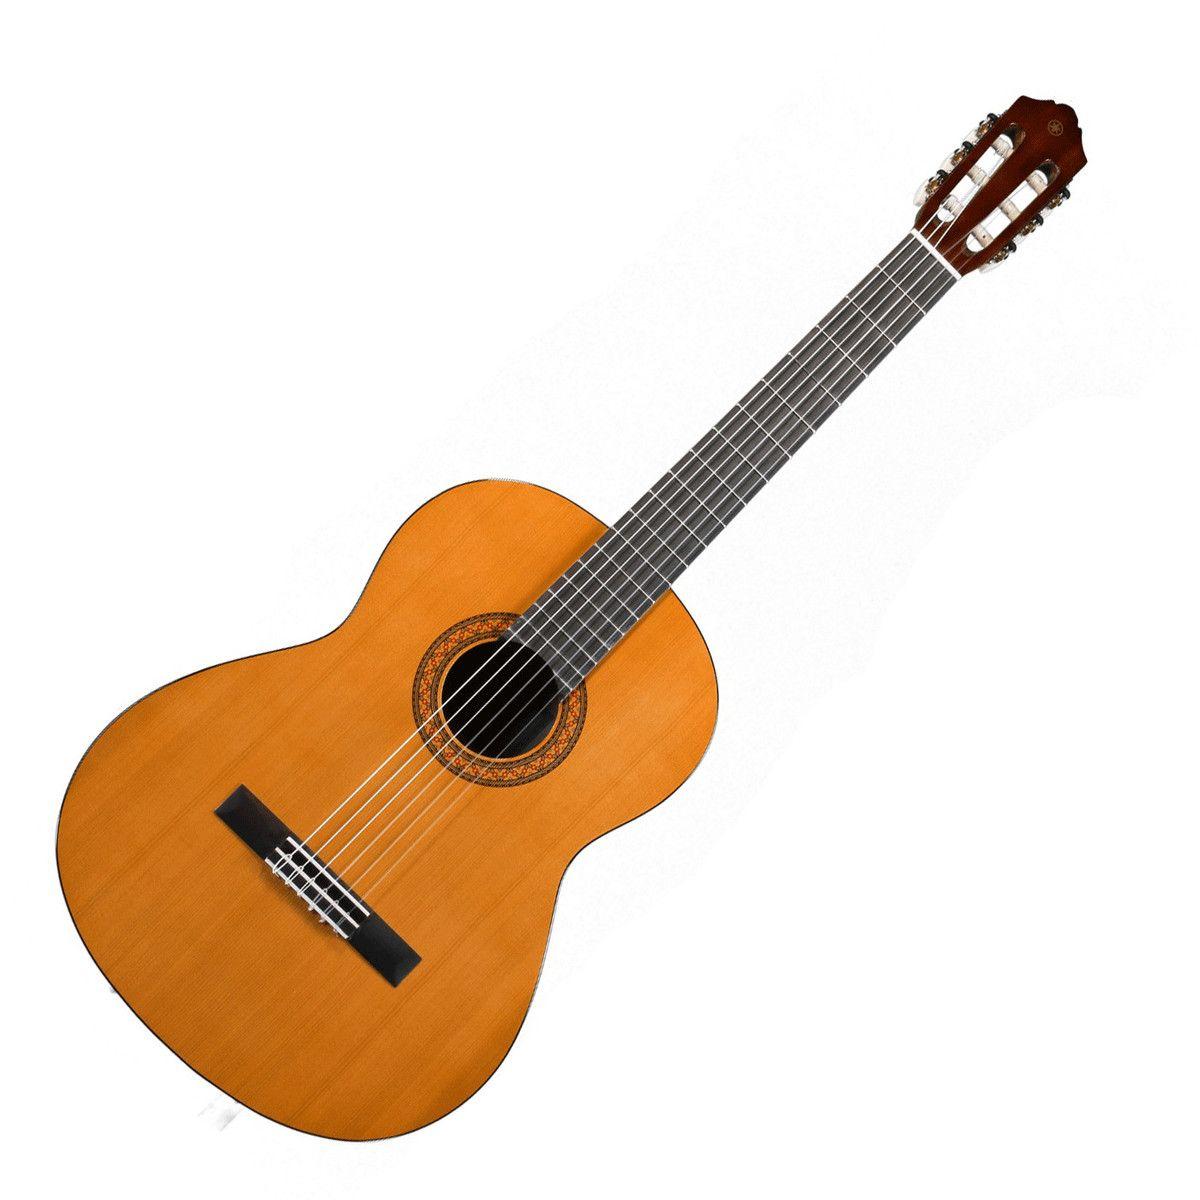 Yamaha C40 Classical Acoustic Guitar Yamaha Guitar Acoustic Guitar Classical Acoustic Guitar